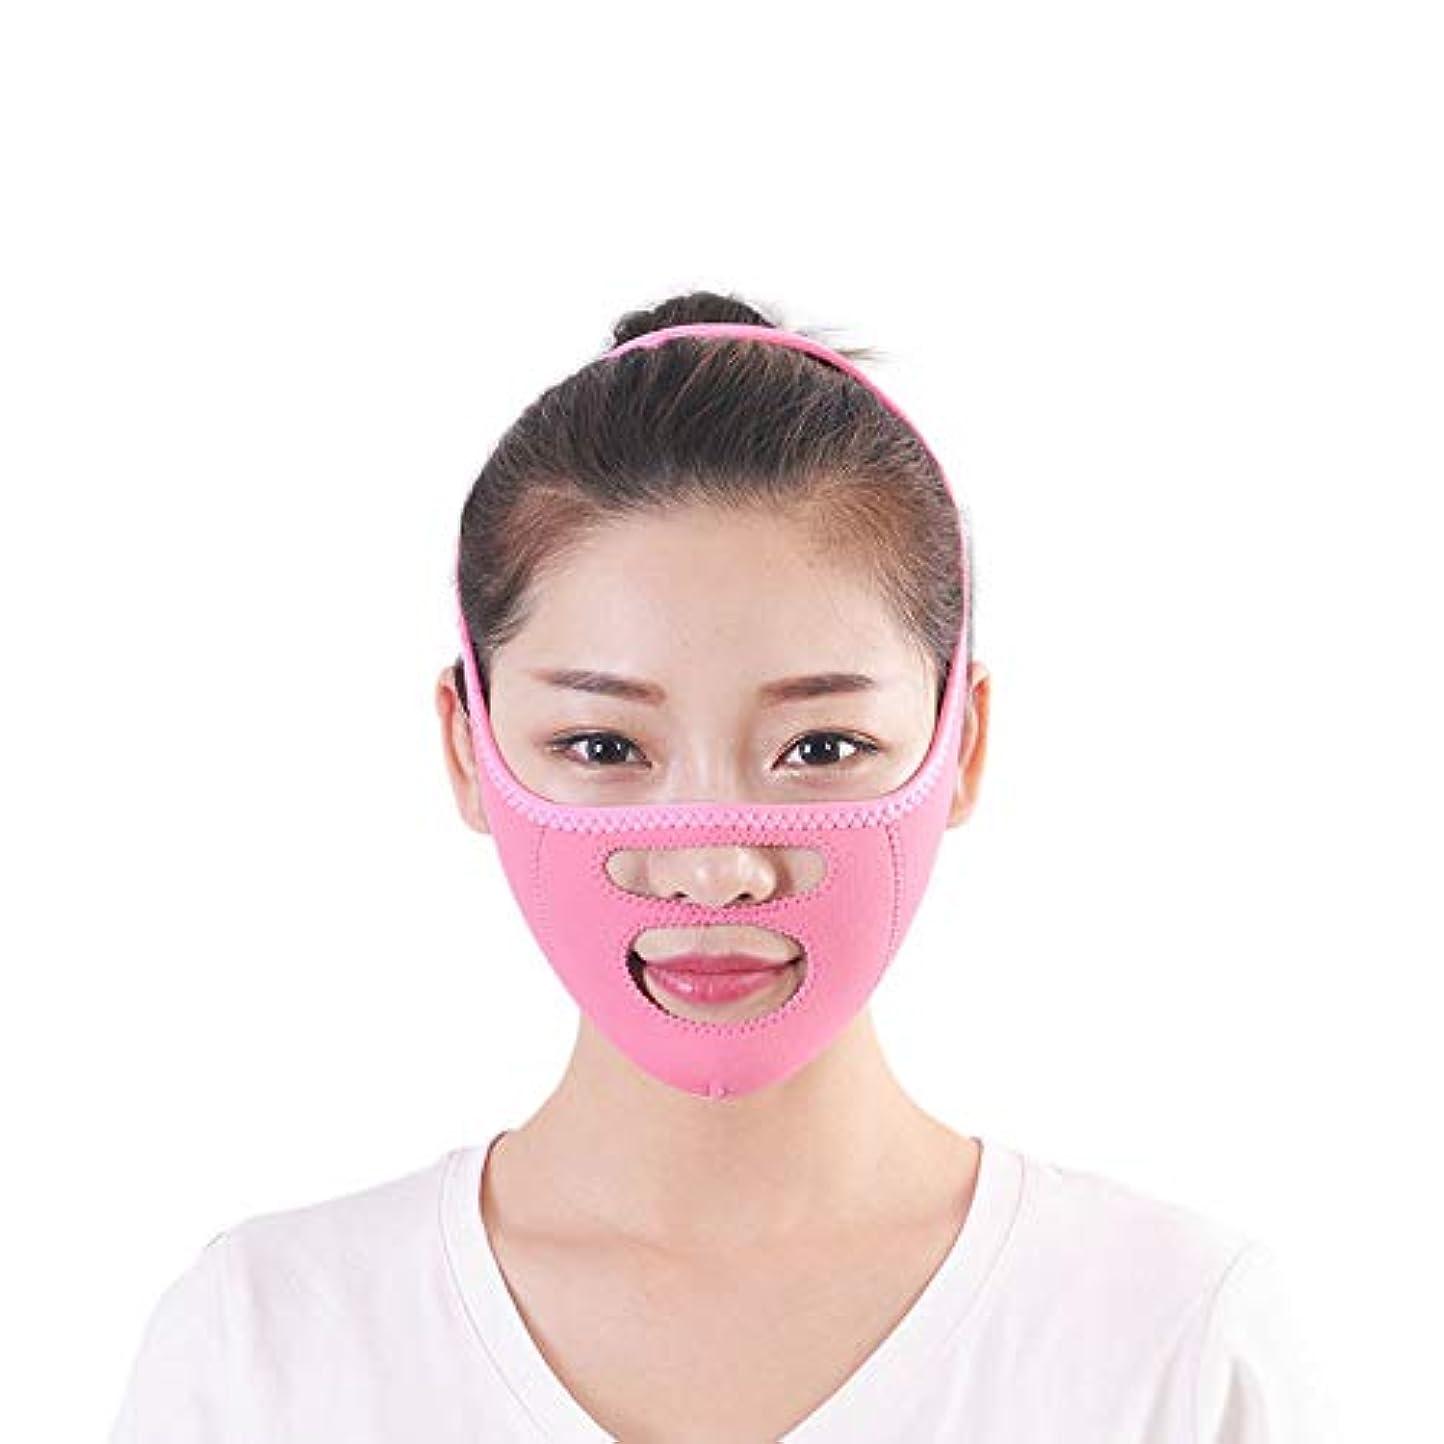 バット決定本二重あごの顔の減量の緩和を改善するためのフェイスリフティングアーチファクトマスク、ビームフェイス包帯/小型Vフェイスリフティングタイト補正,Blue